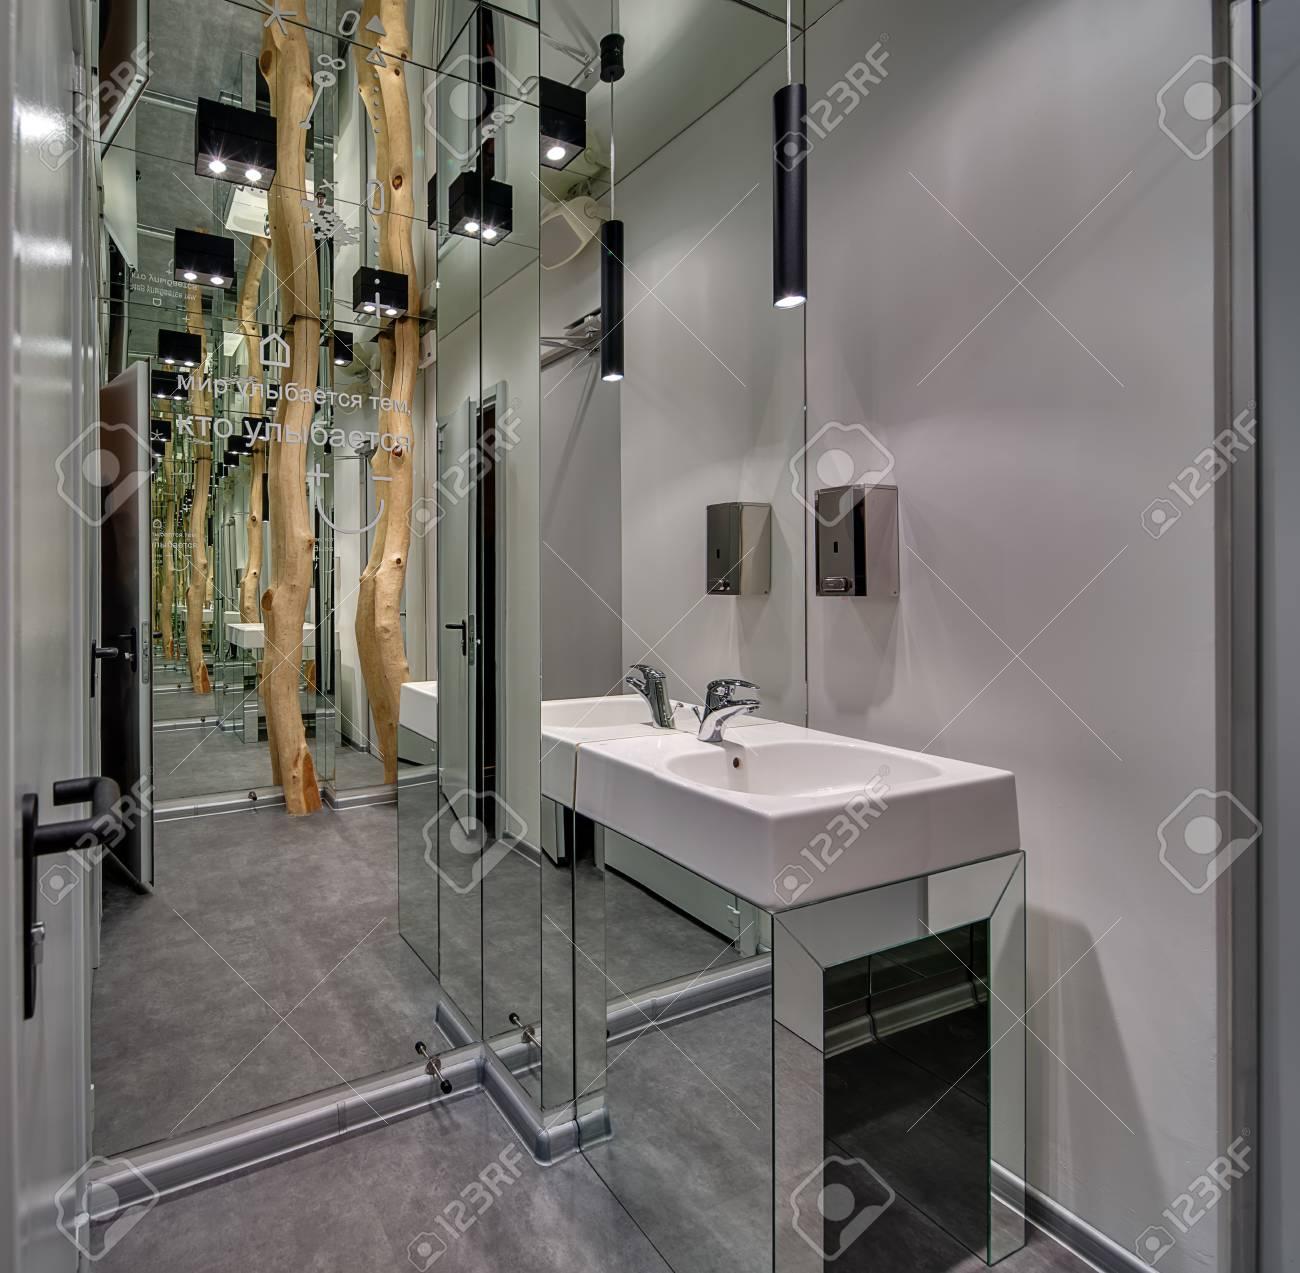 Grand Miroir D Entrée entrée de la salle de bain avec un grand miroir côté gauche et une  décoration d'arbre sur un fond réfléchi. il y a un évier blanc et un  distributeur